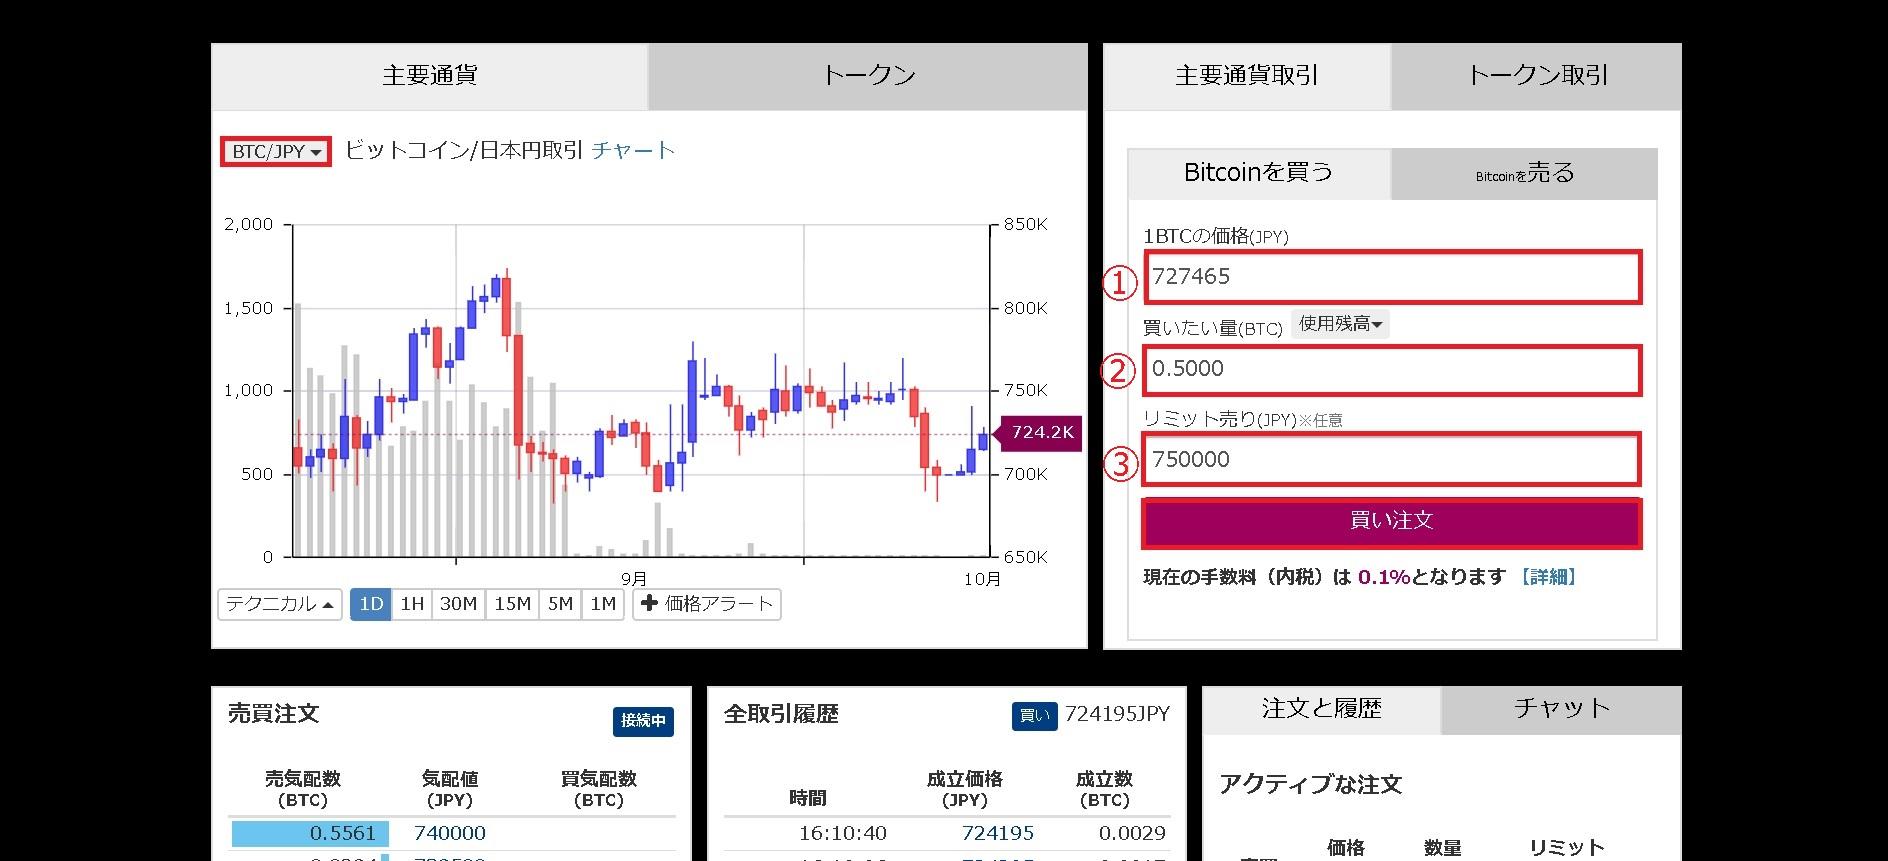 フィスコ仮想通貨取引所_ビットコイン01